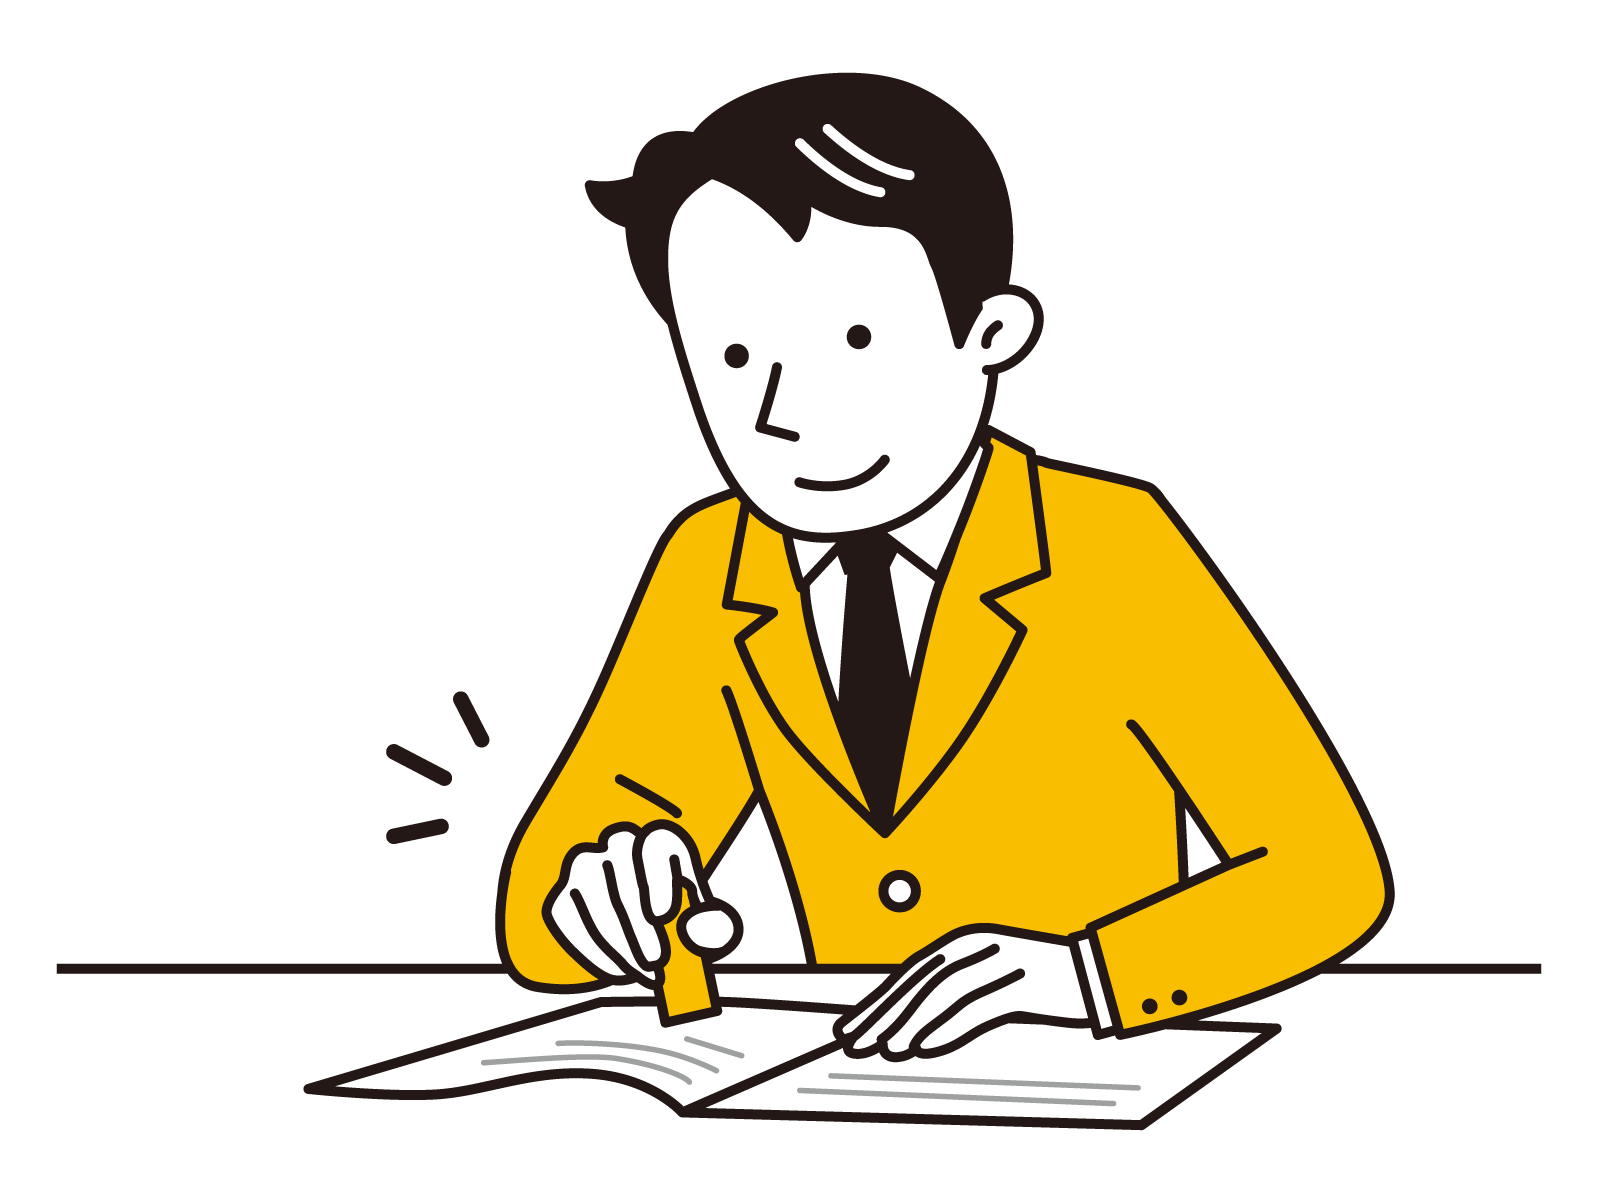 契約書に押印している男性のイラスト